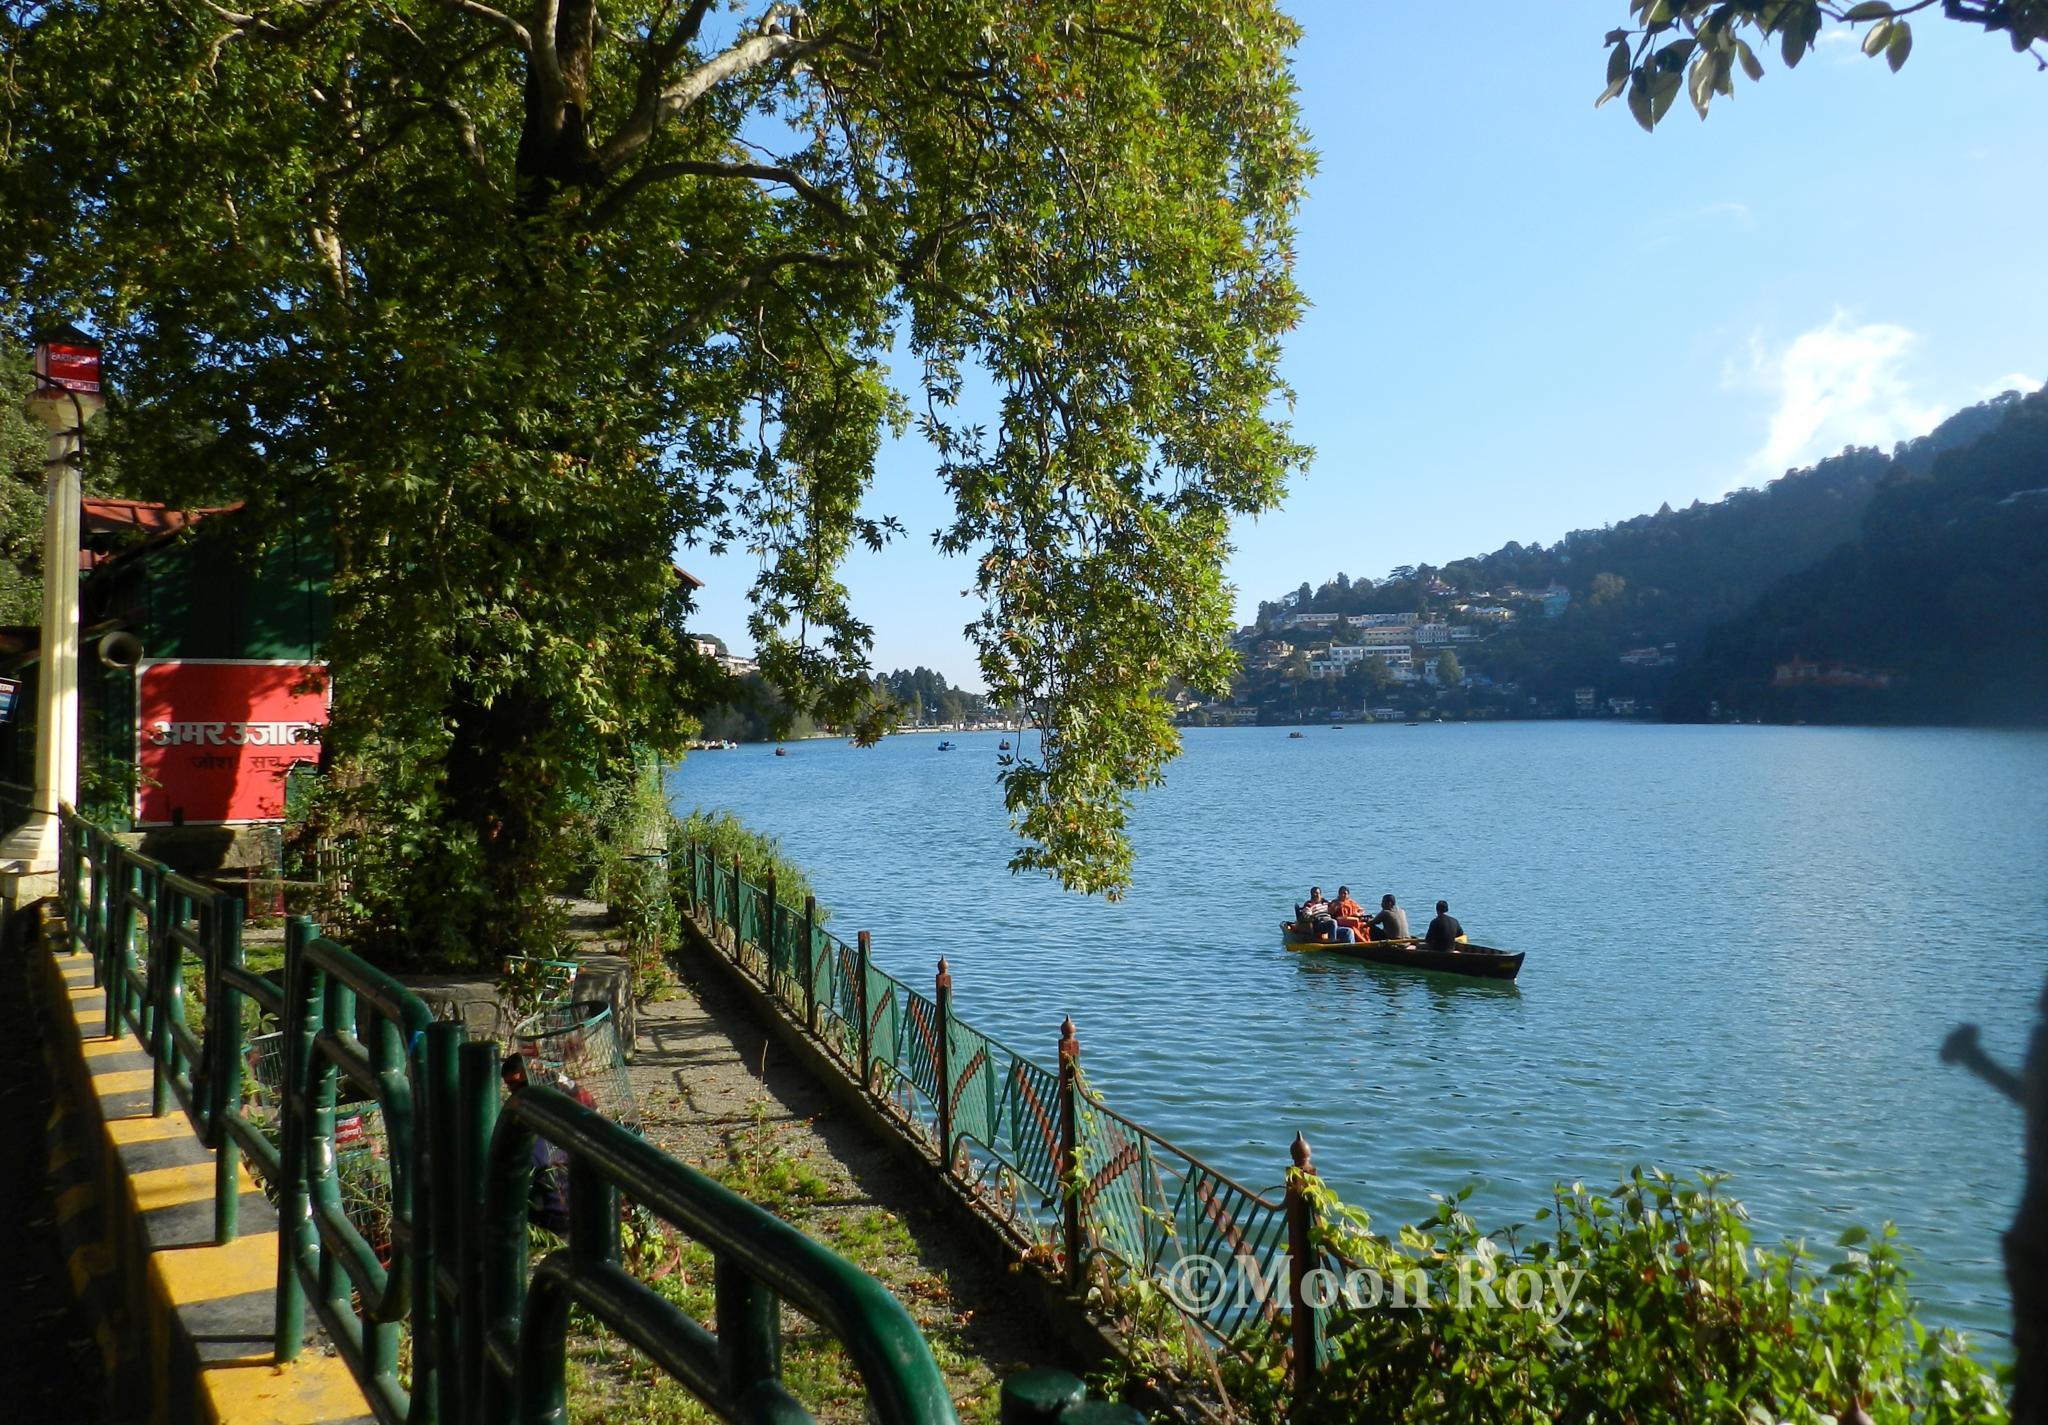 Boating in Naini Lake - Nainital, India by Moon Roy